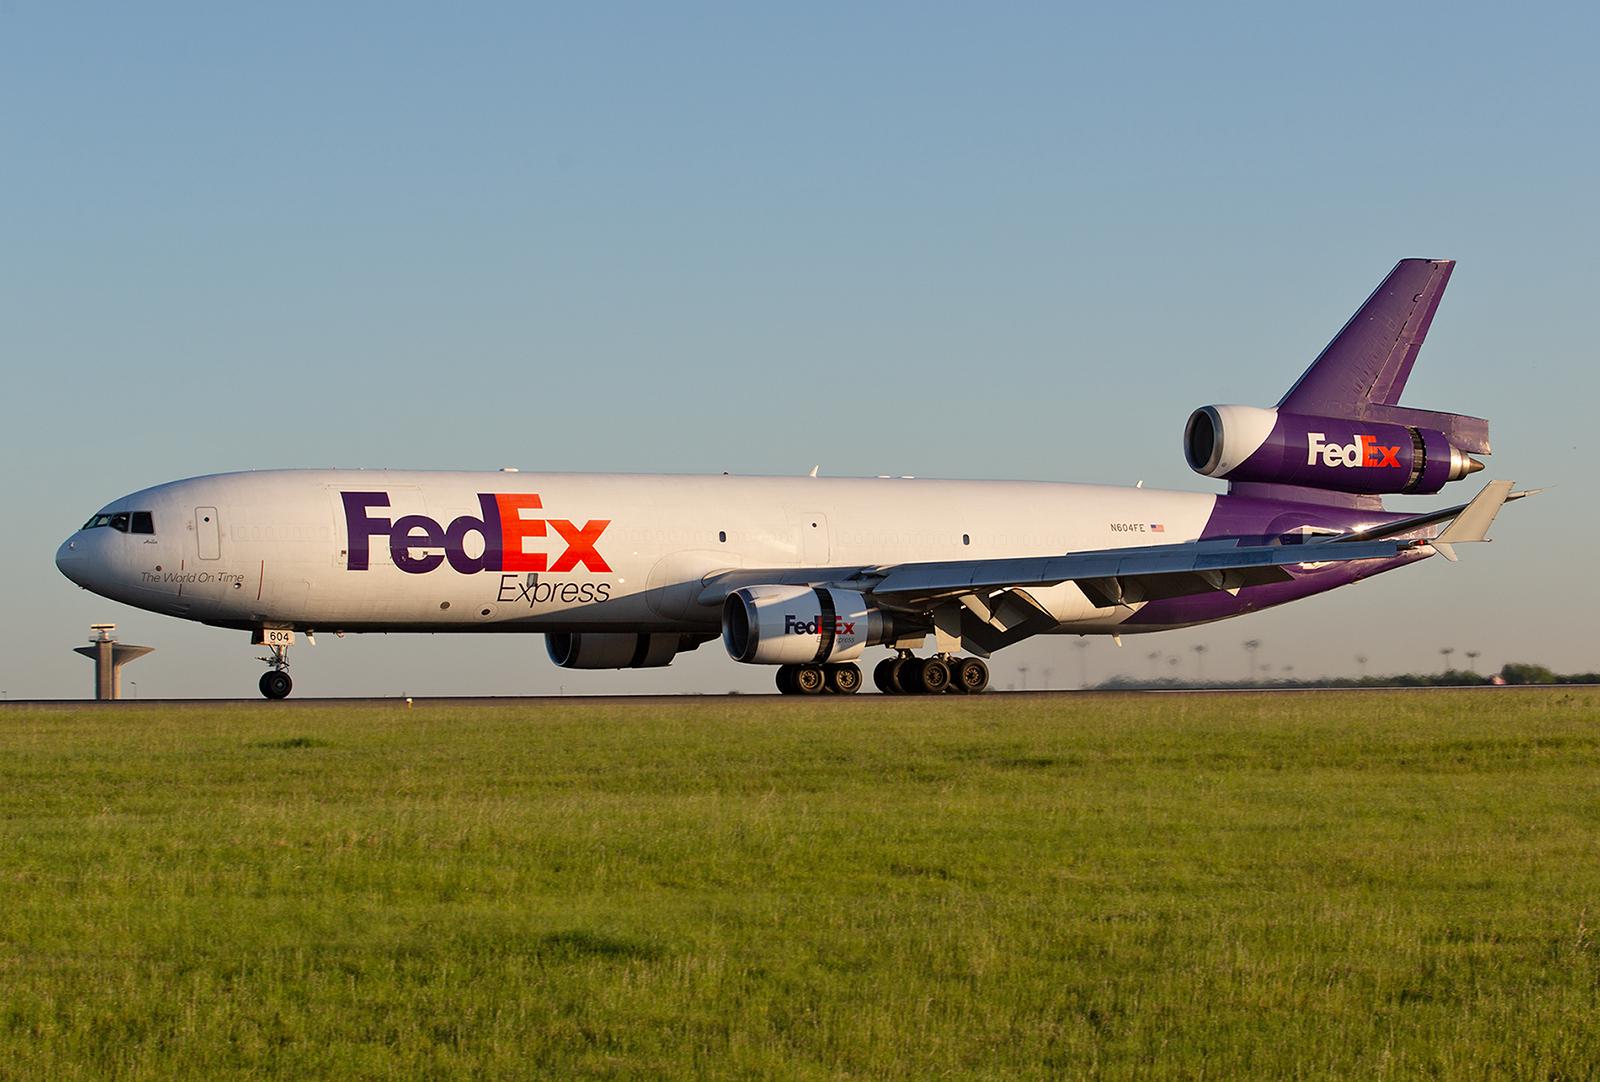 Paris CDG ist der wichtigste Flughafen für den Fed Ex in Europa. Hier gibt´s sogar noch die MD-11.